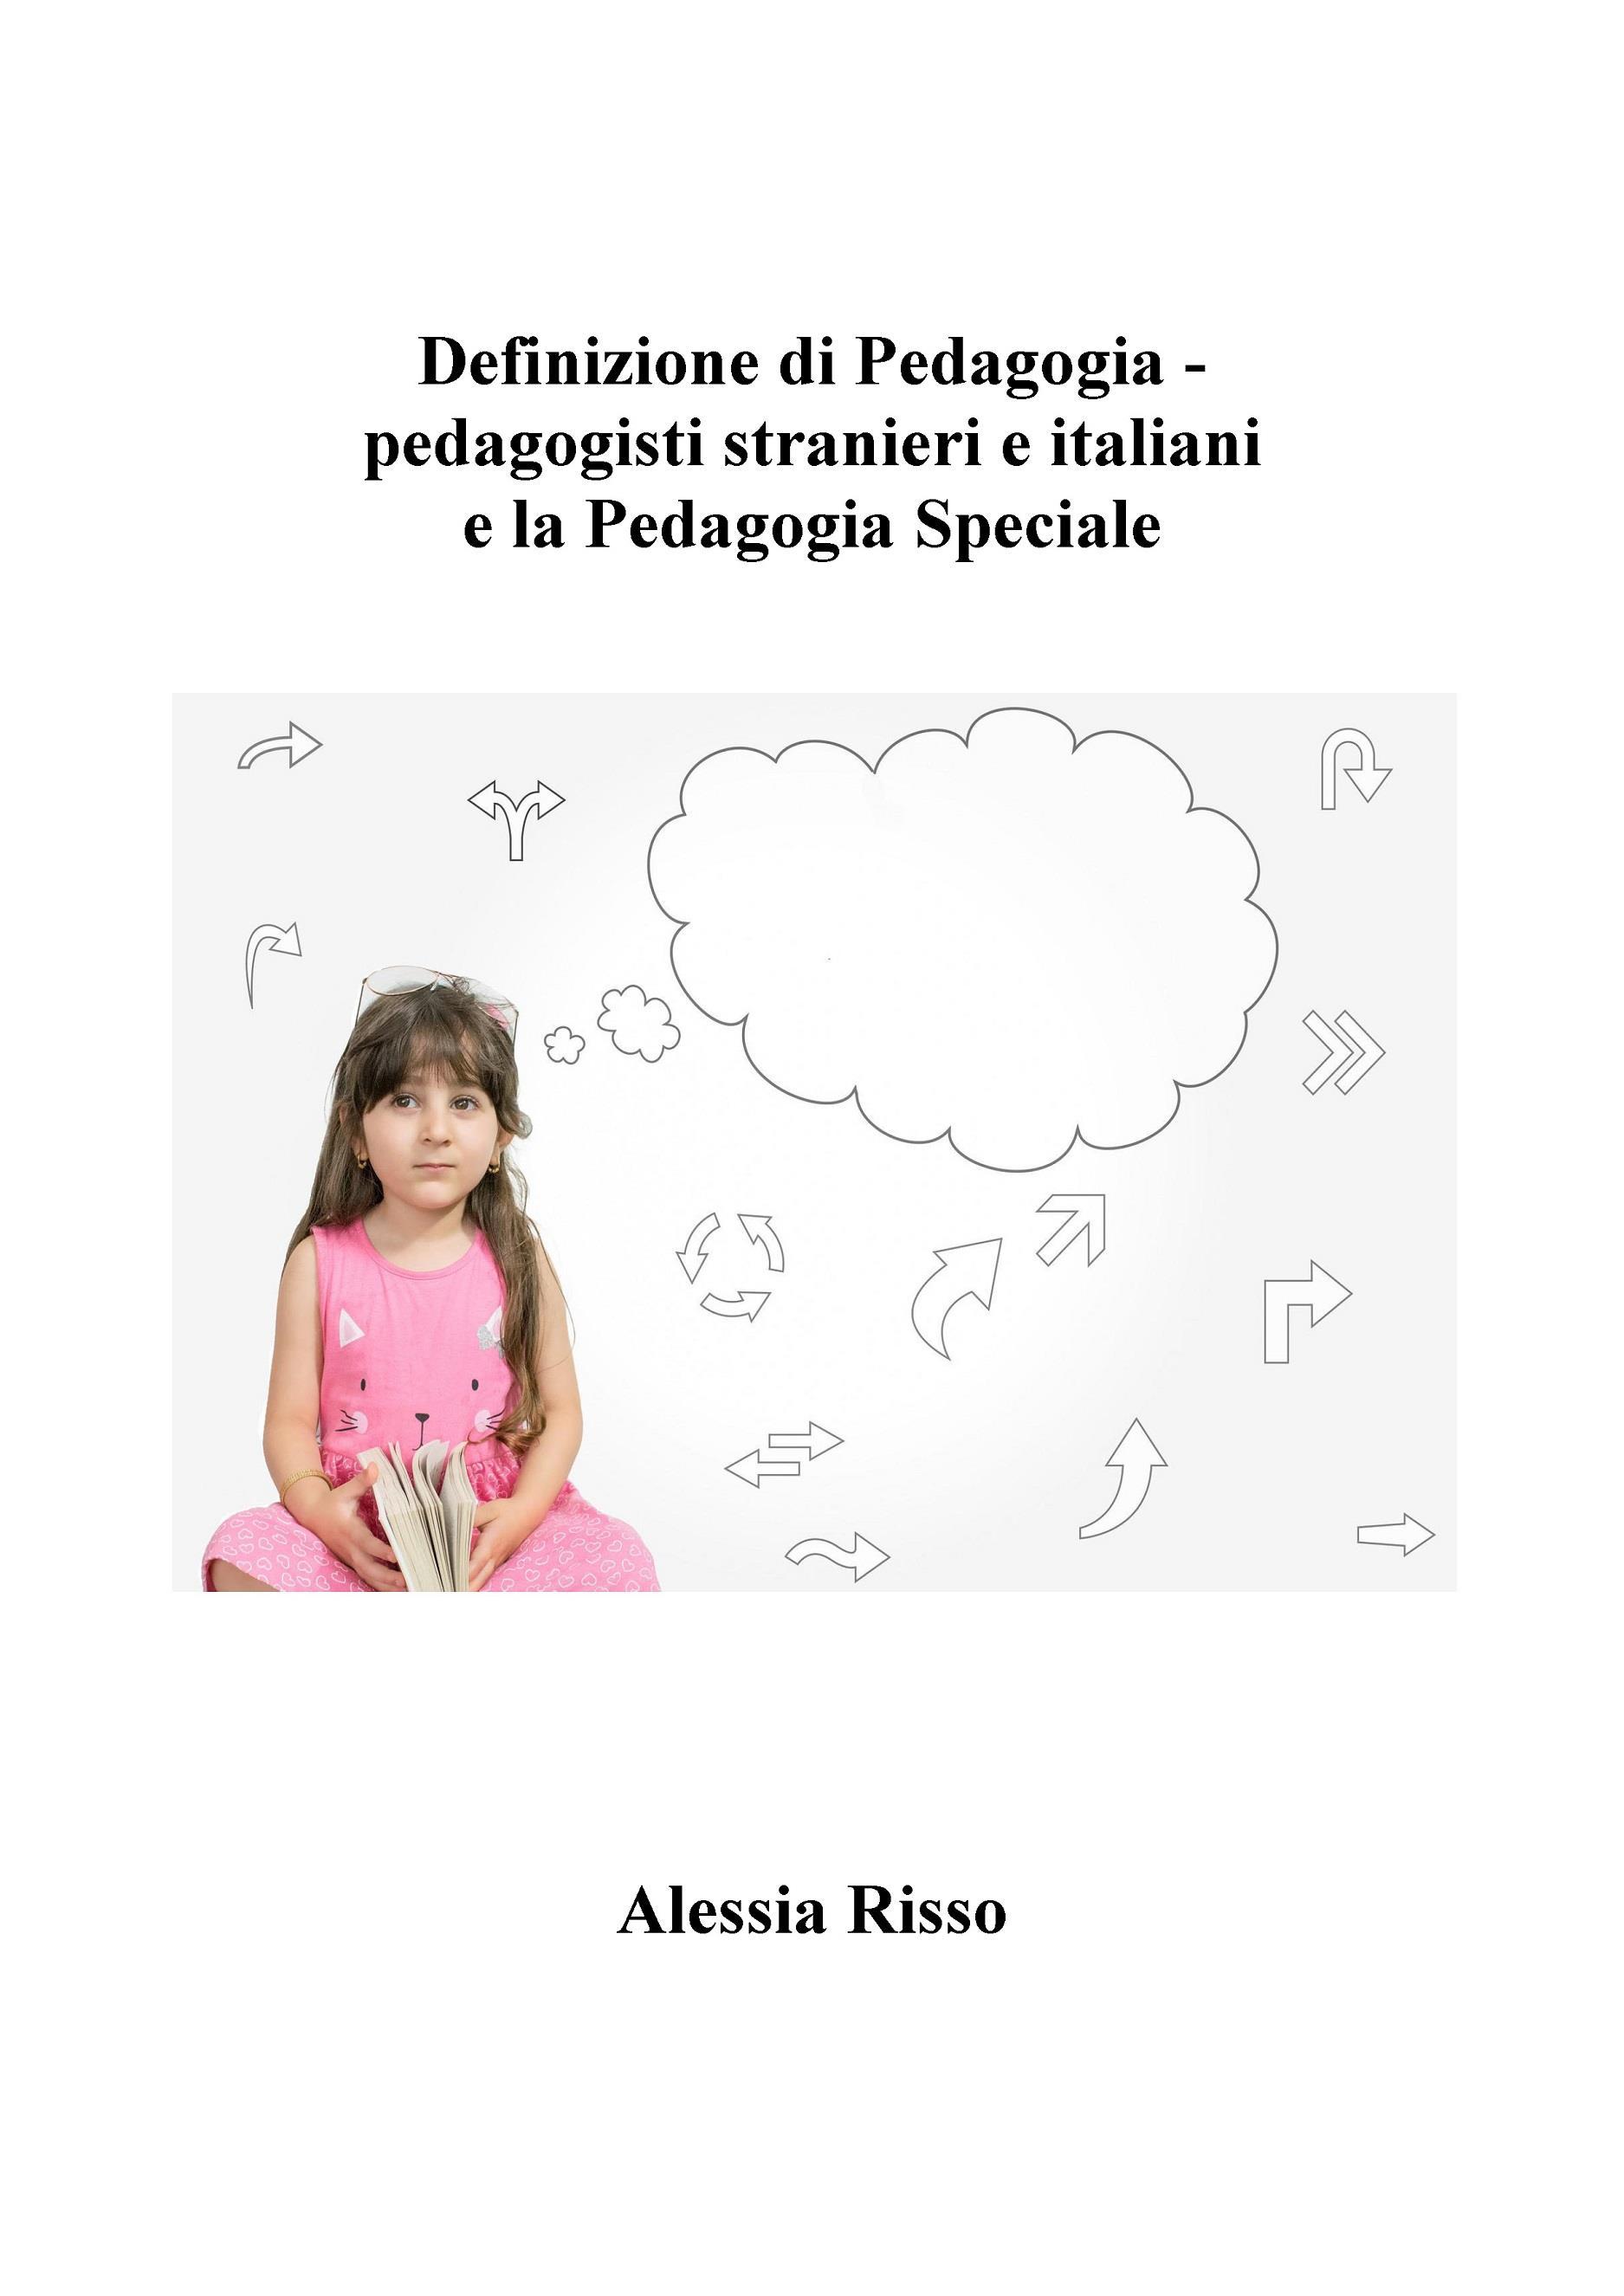 Definizione di Pedagogia - pedagogisti stranieri e italiani  e la Pedagogia Speciale